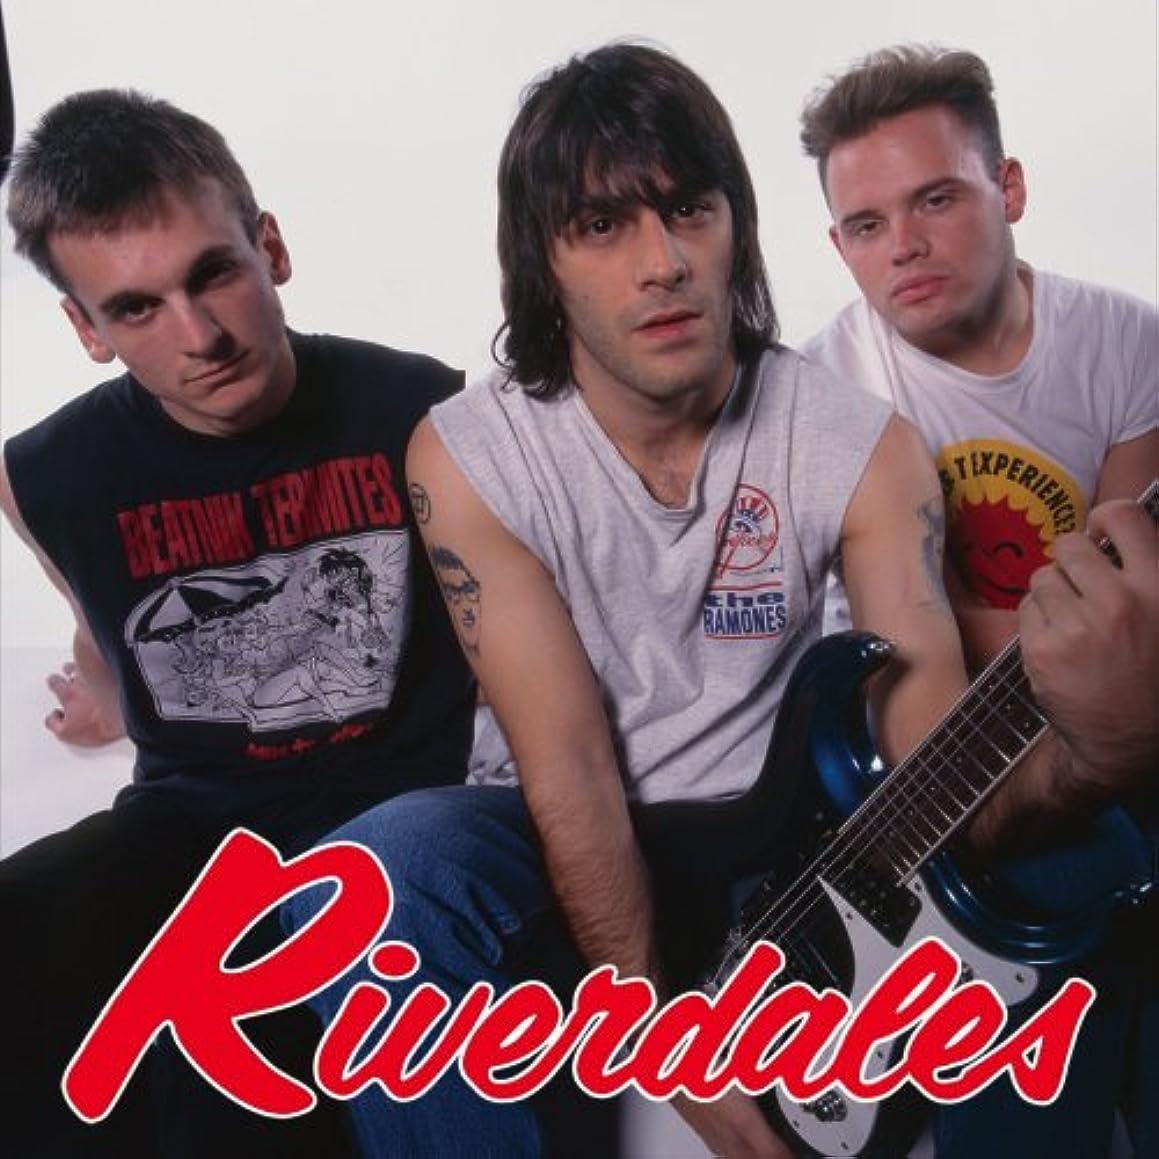 Riverdales